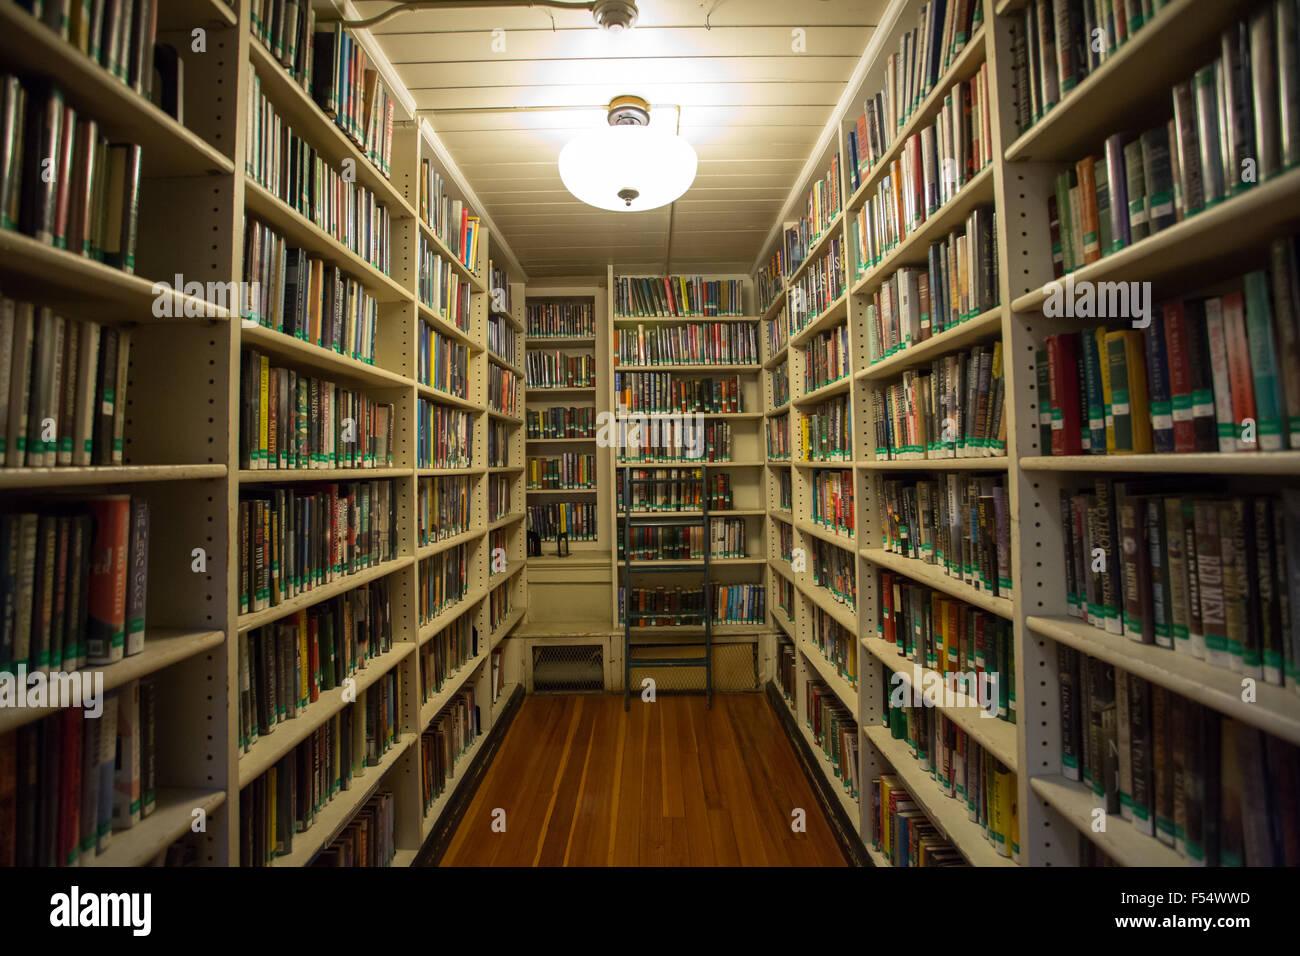 old library bookshelves - Library Bookshelves